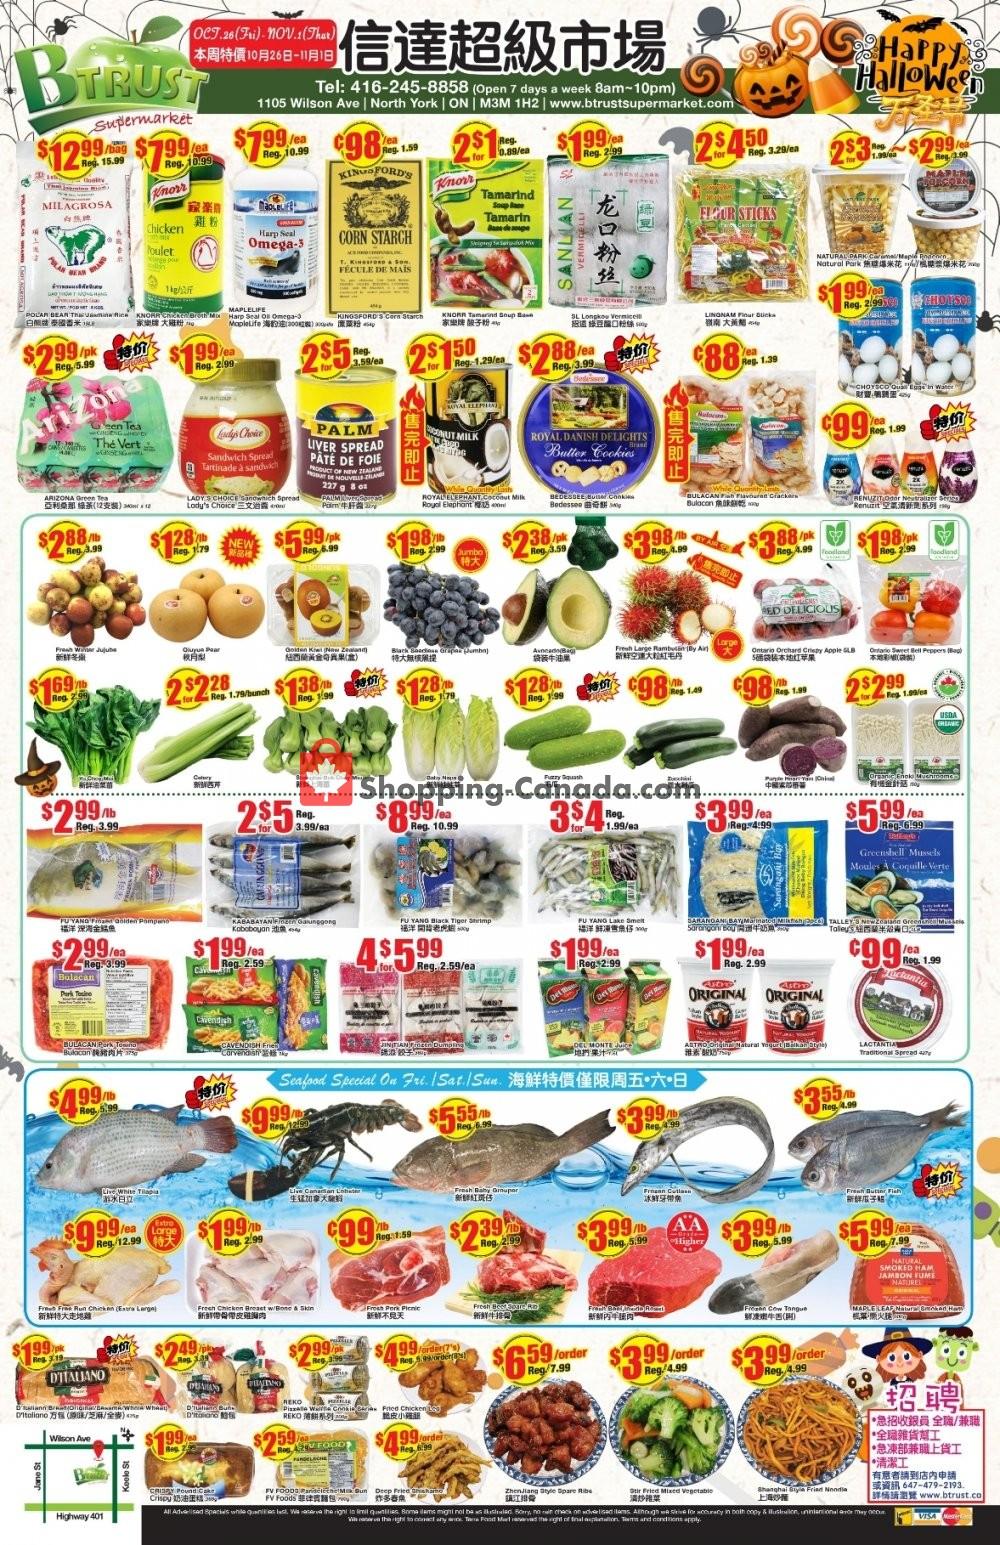 Flyer Btrust Supermarket Canada - from Friday October 26, 2018 to Thursday November 1, 2018